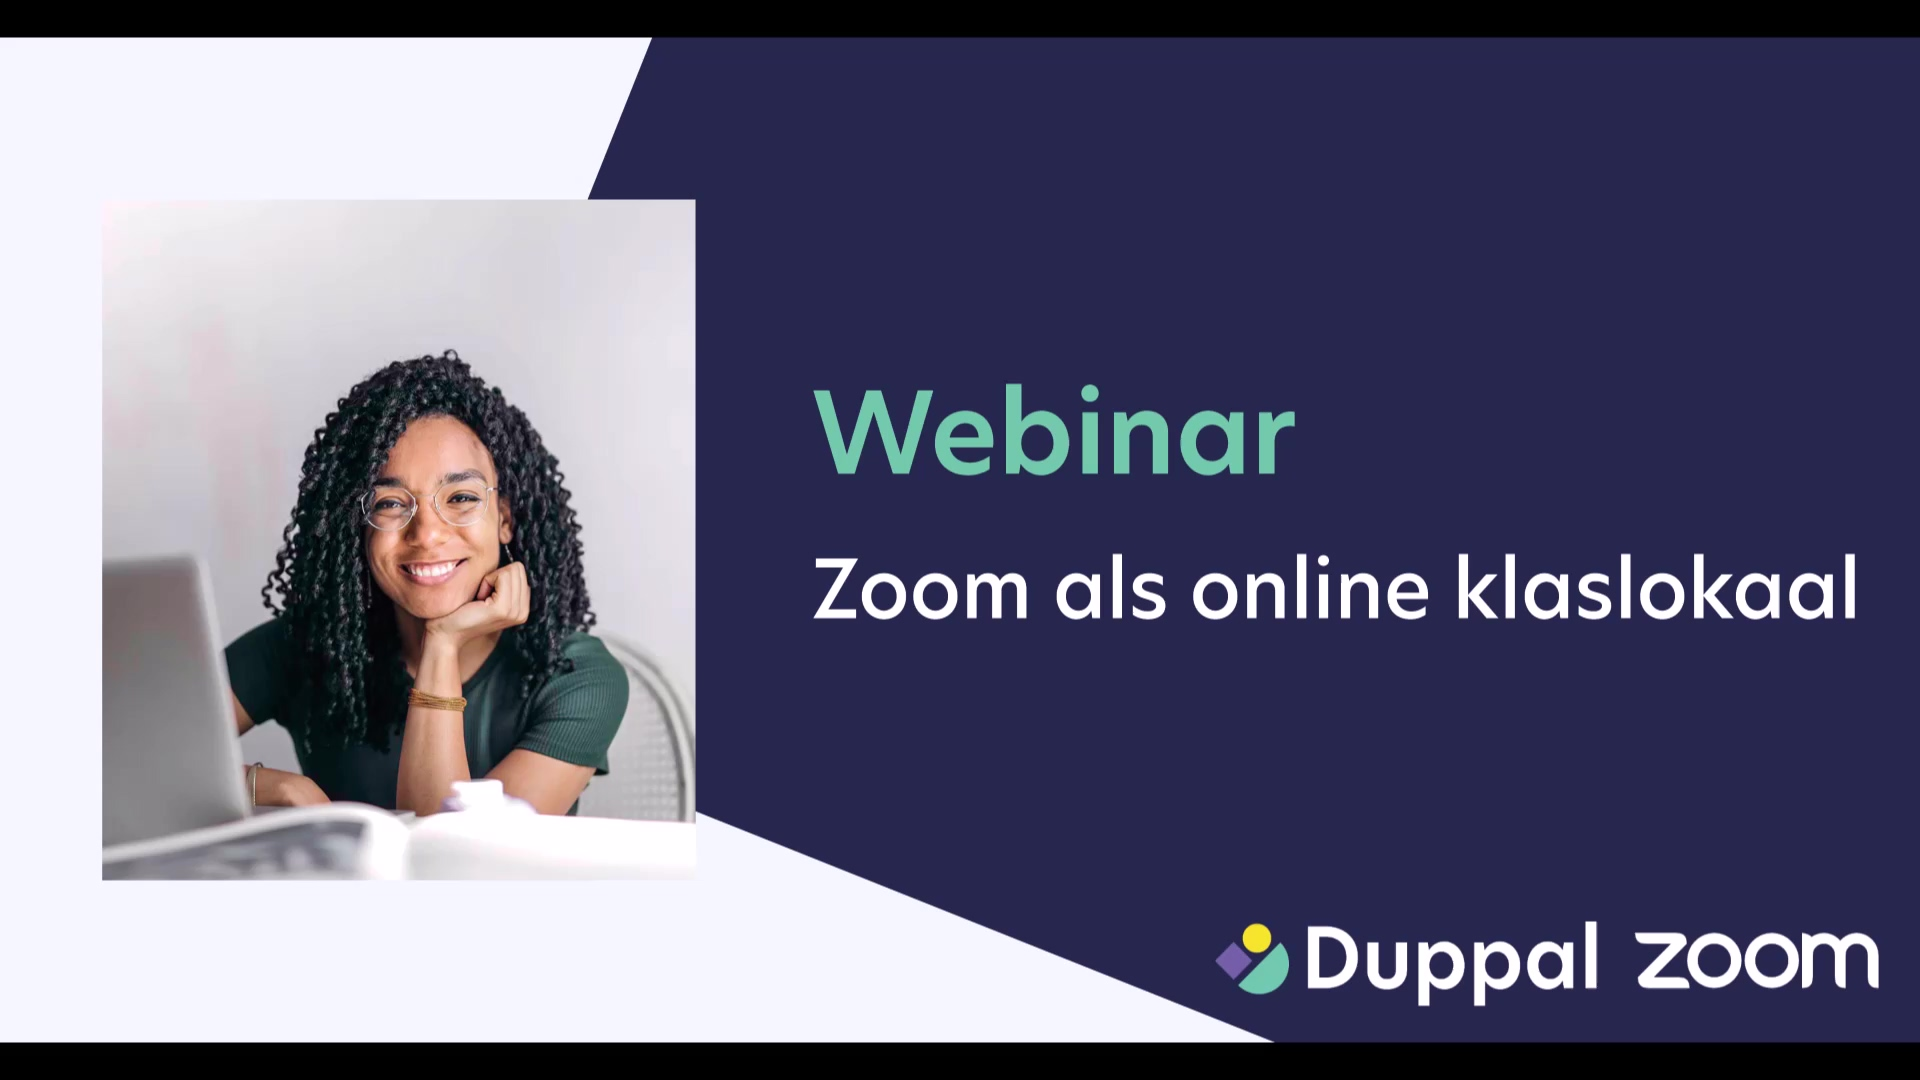 Duppal webinar - Zoom als online klaslokaal